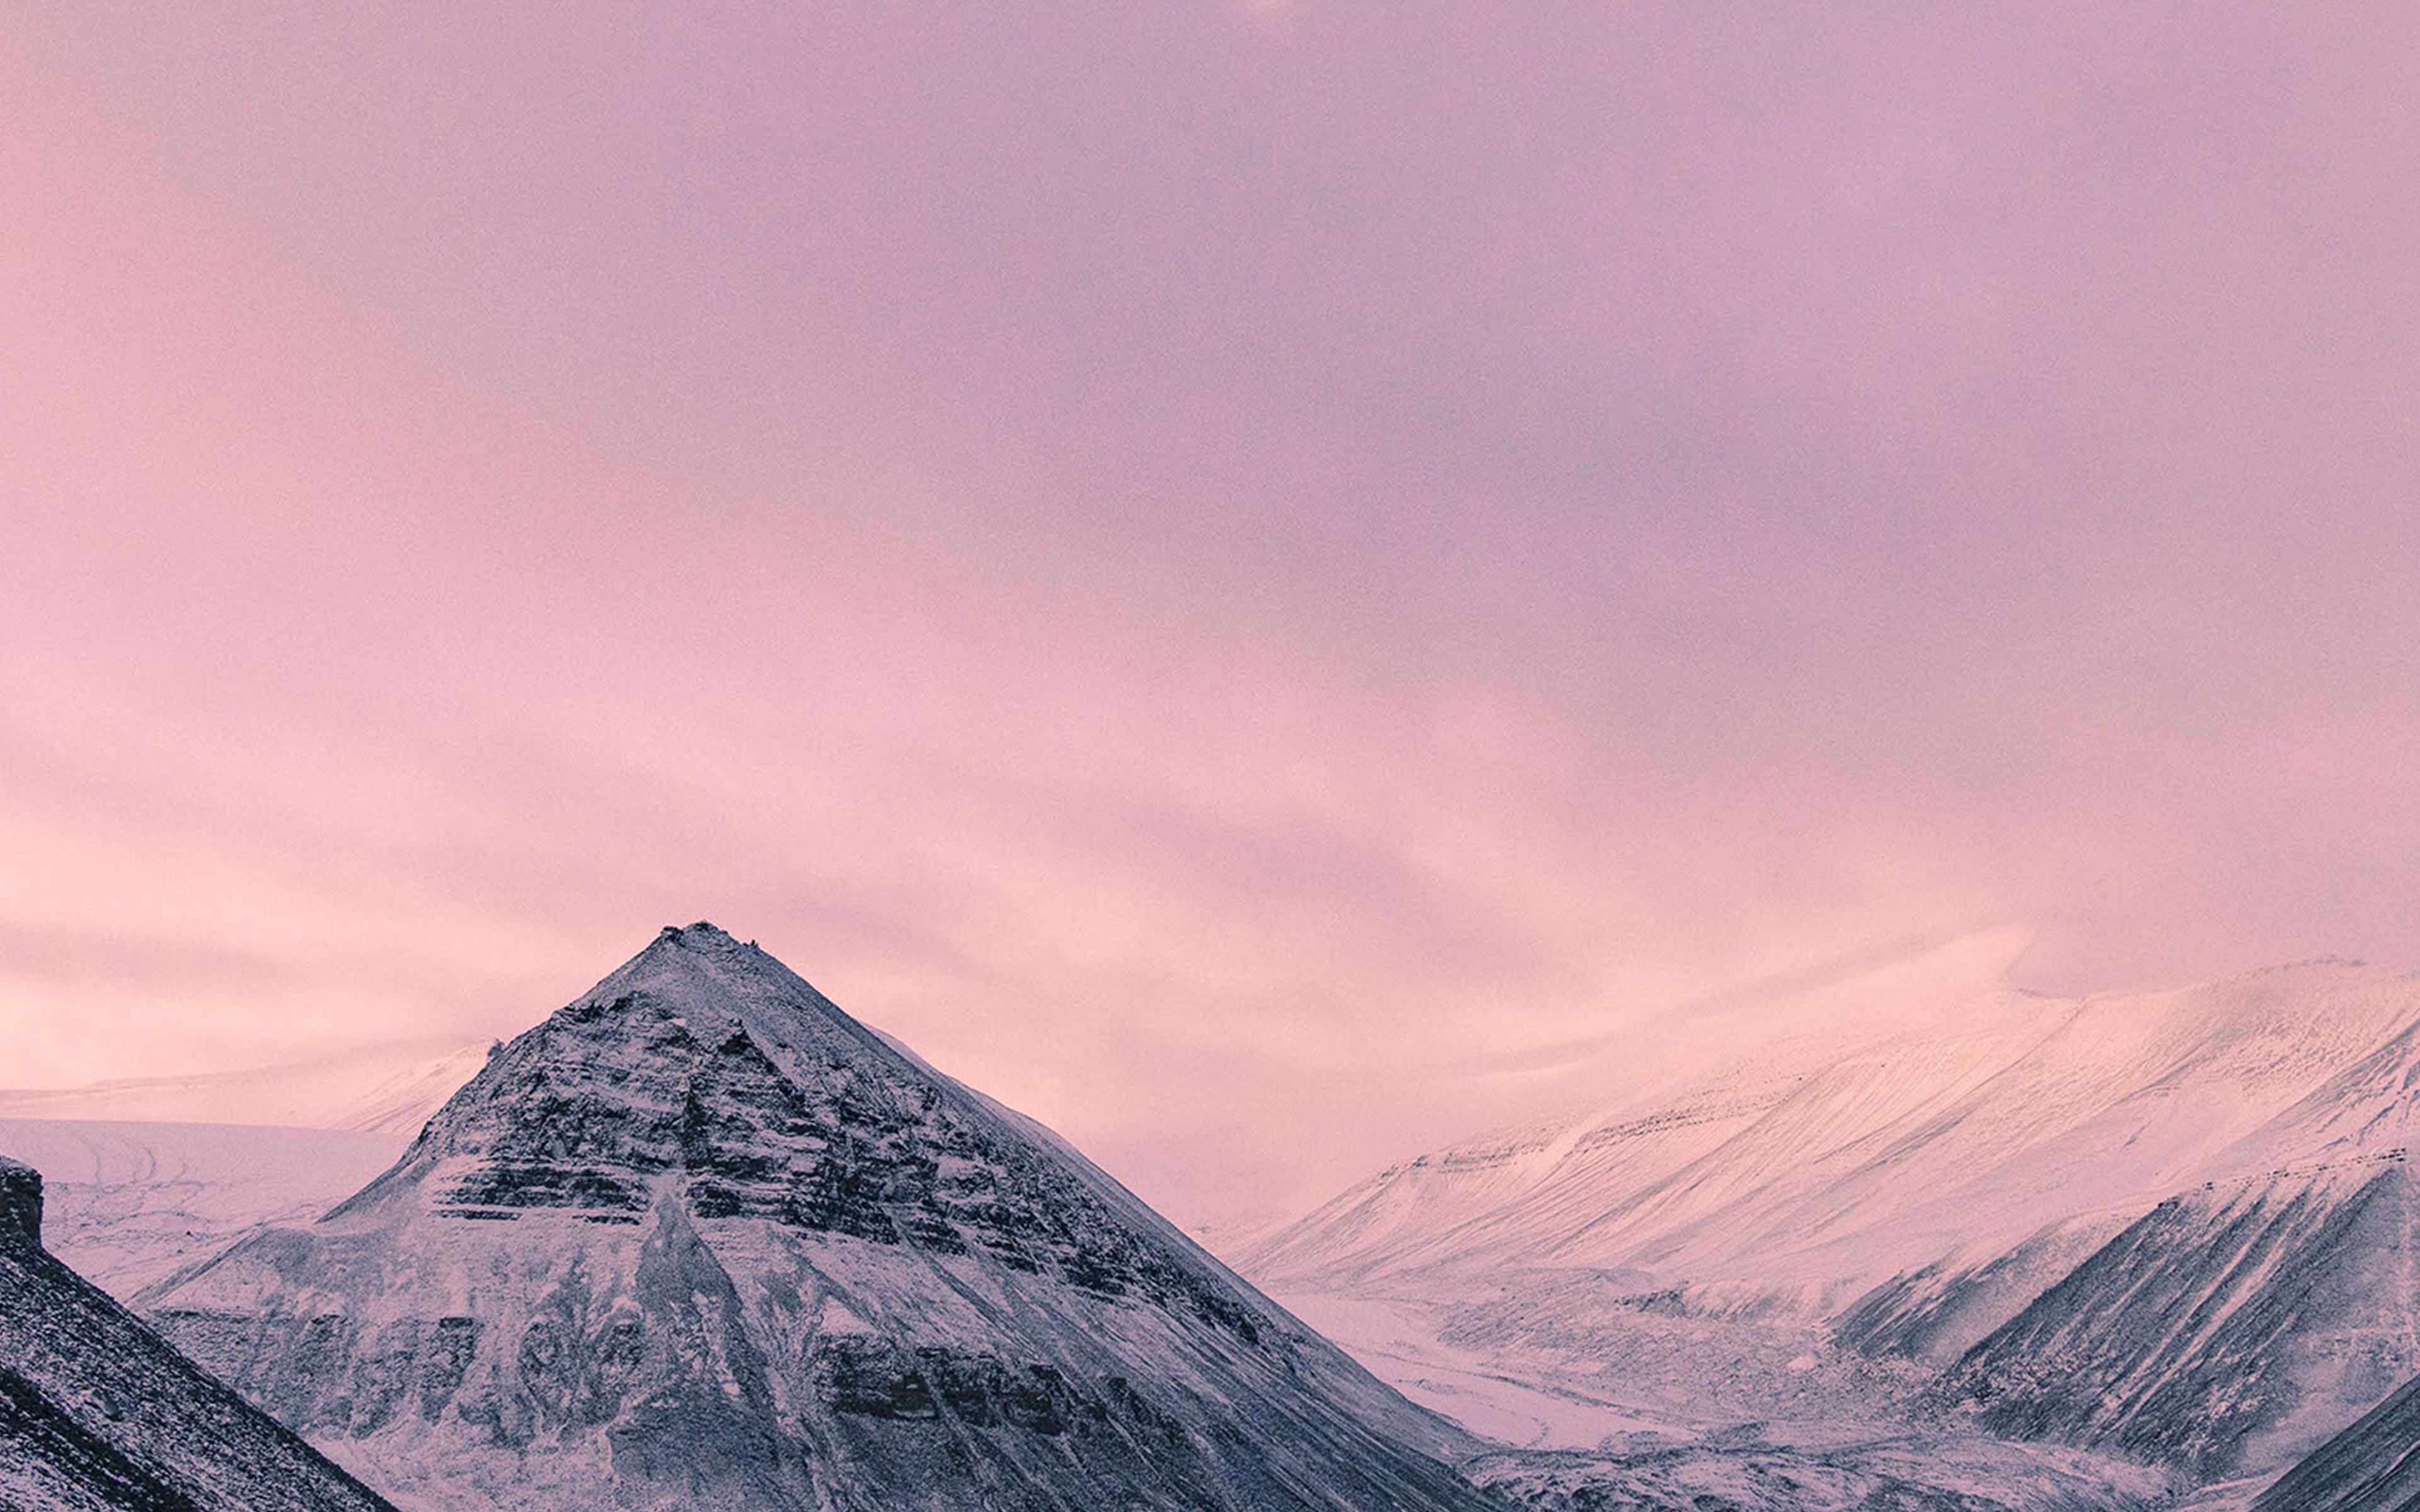 nz64-snow-winter-moon-mountain-nature-pink-wallpaper